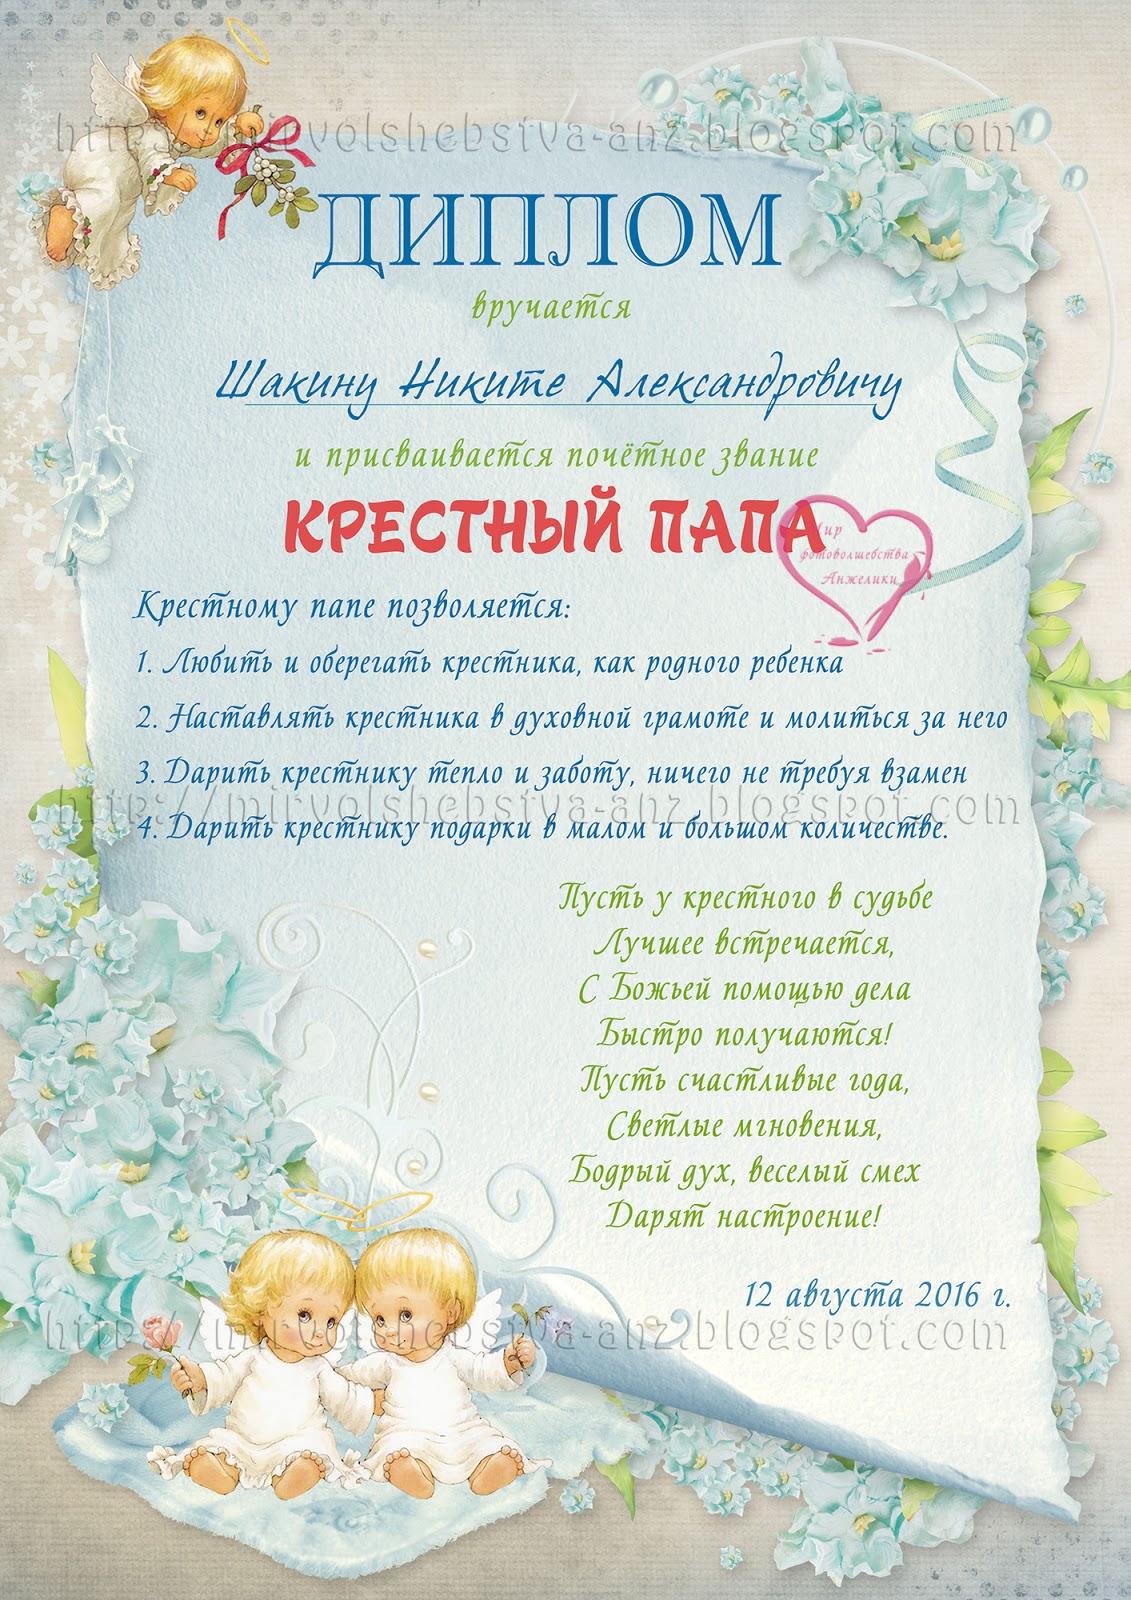 Поздравления днем свадьбы крестному